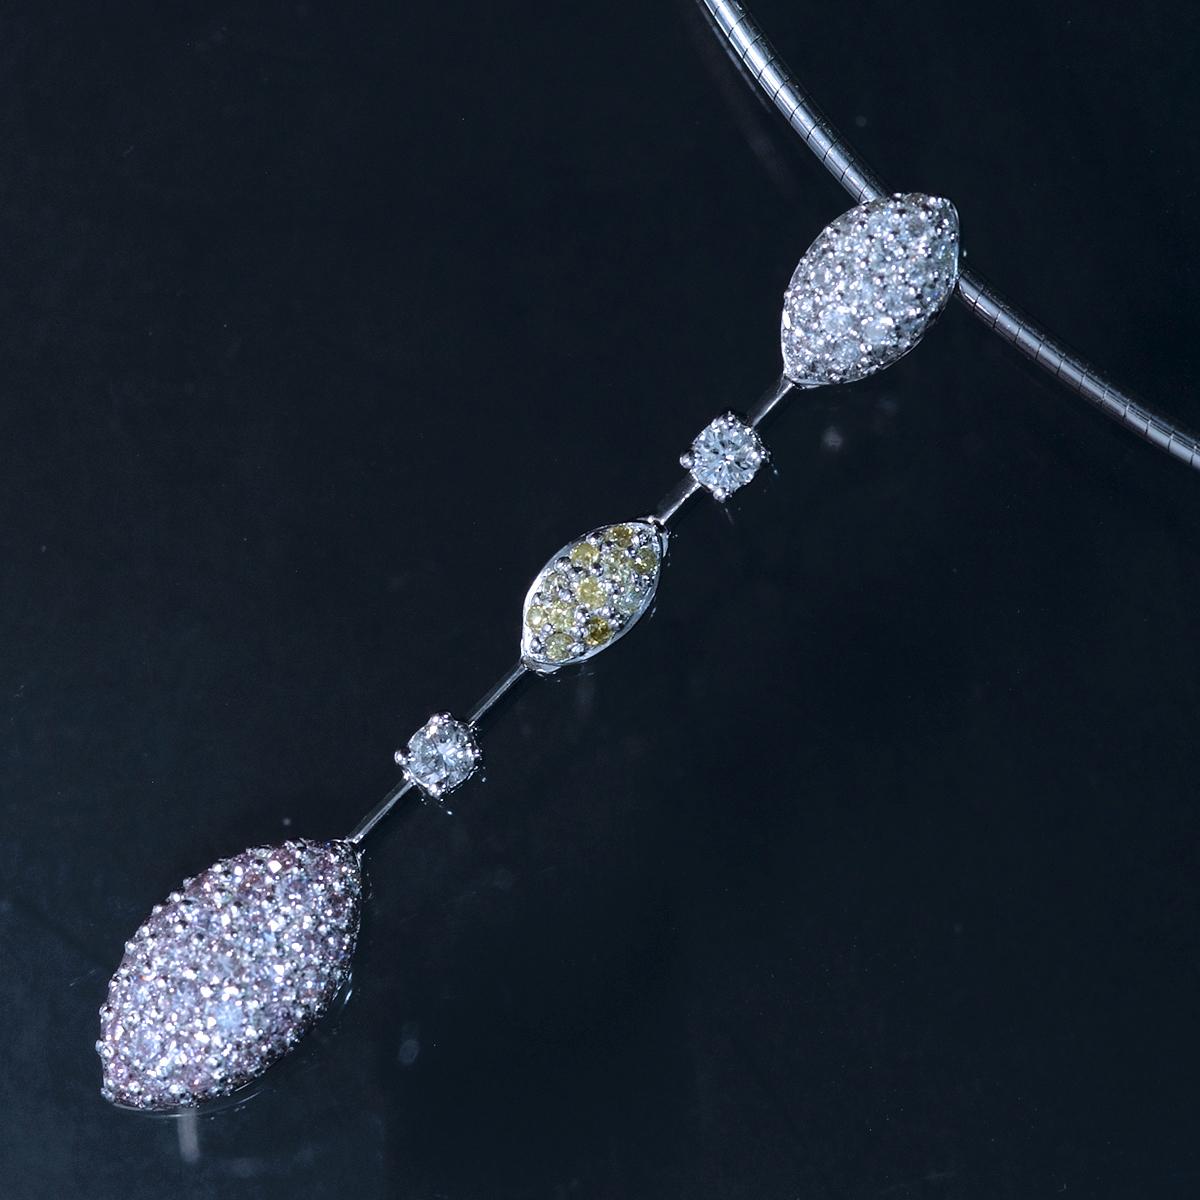 E9854 天然ピンク、イエロー、カラーレスダイヤモンド0.75ct 最高級18金WG無垢オメガネックレス_画像1